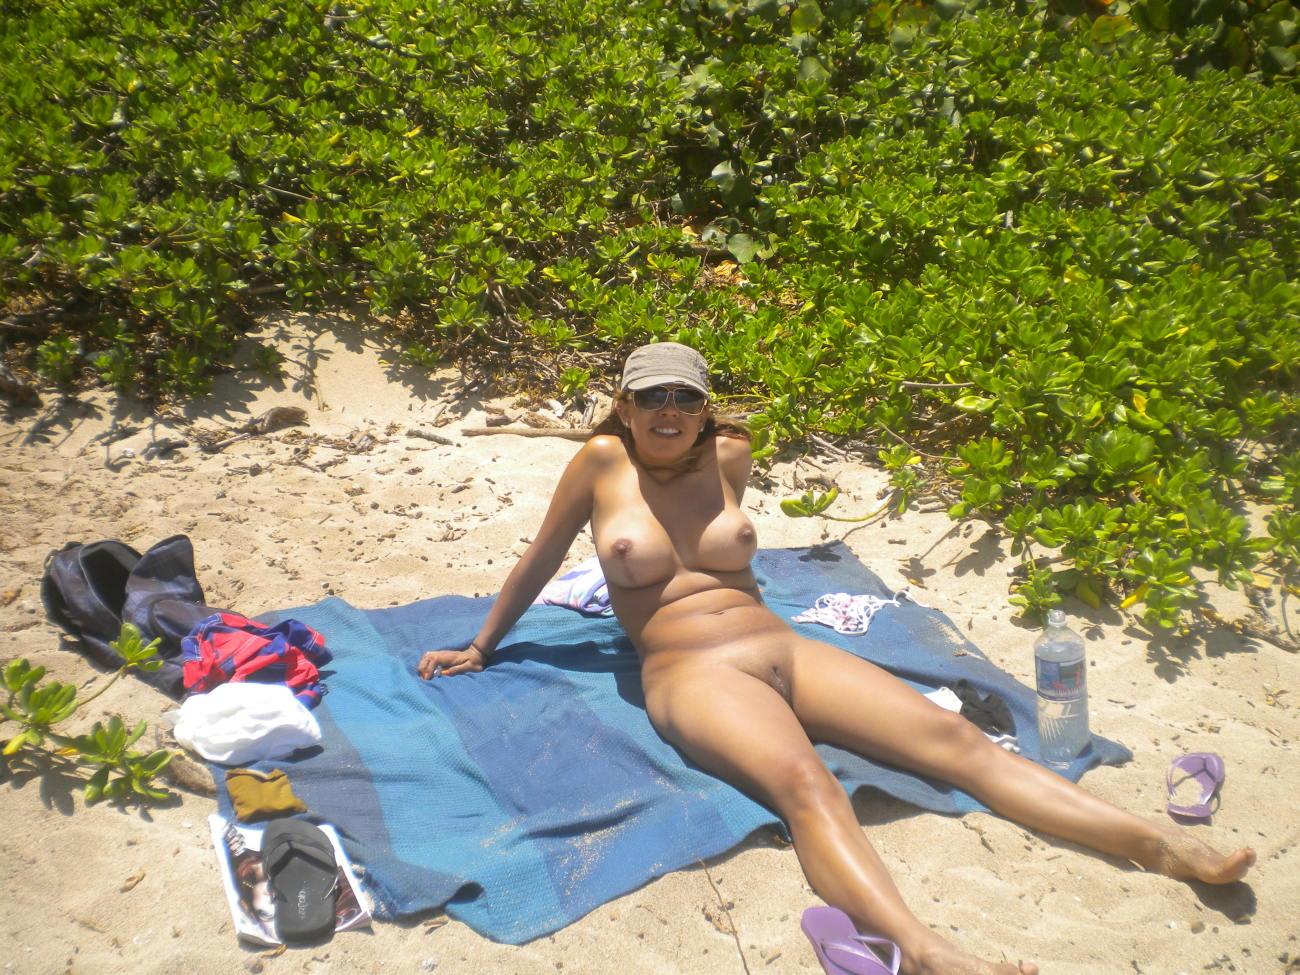 wifey naked beatch&beauty folks naked